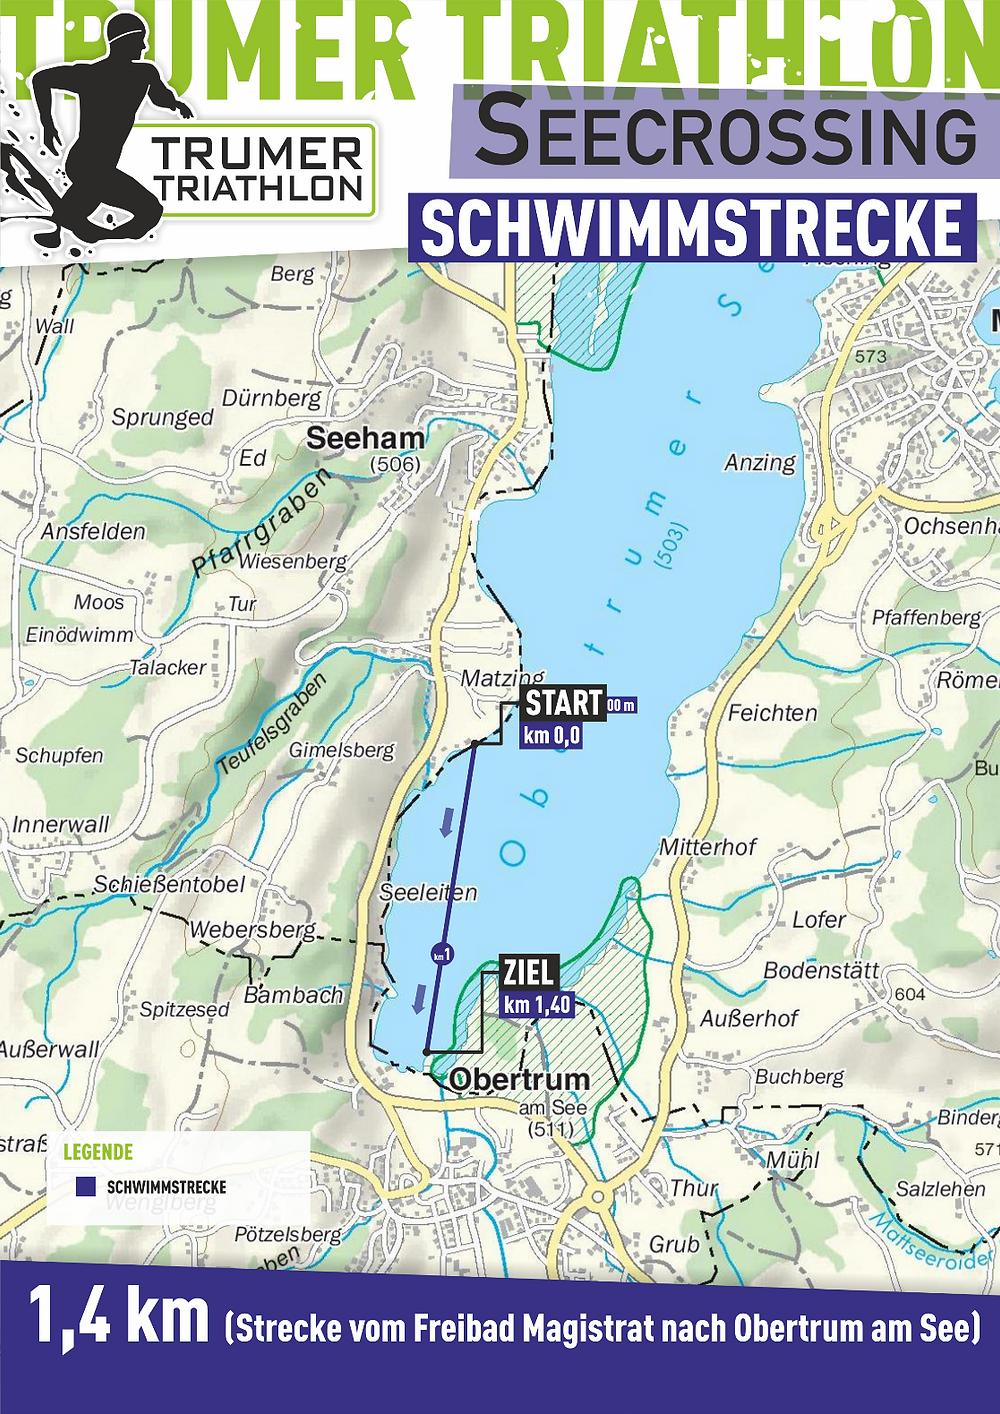 Die 1,4 km Strecke beim Trumer Triathlon Seecrossing